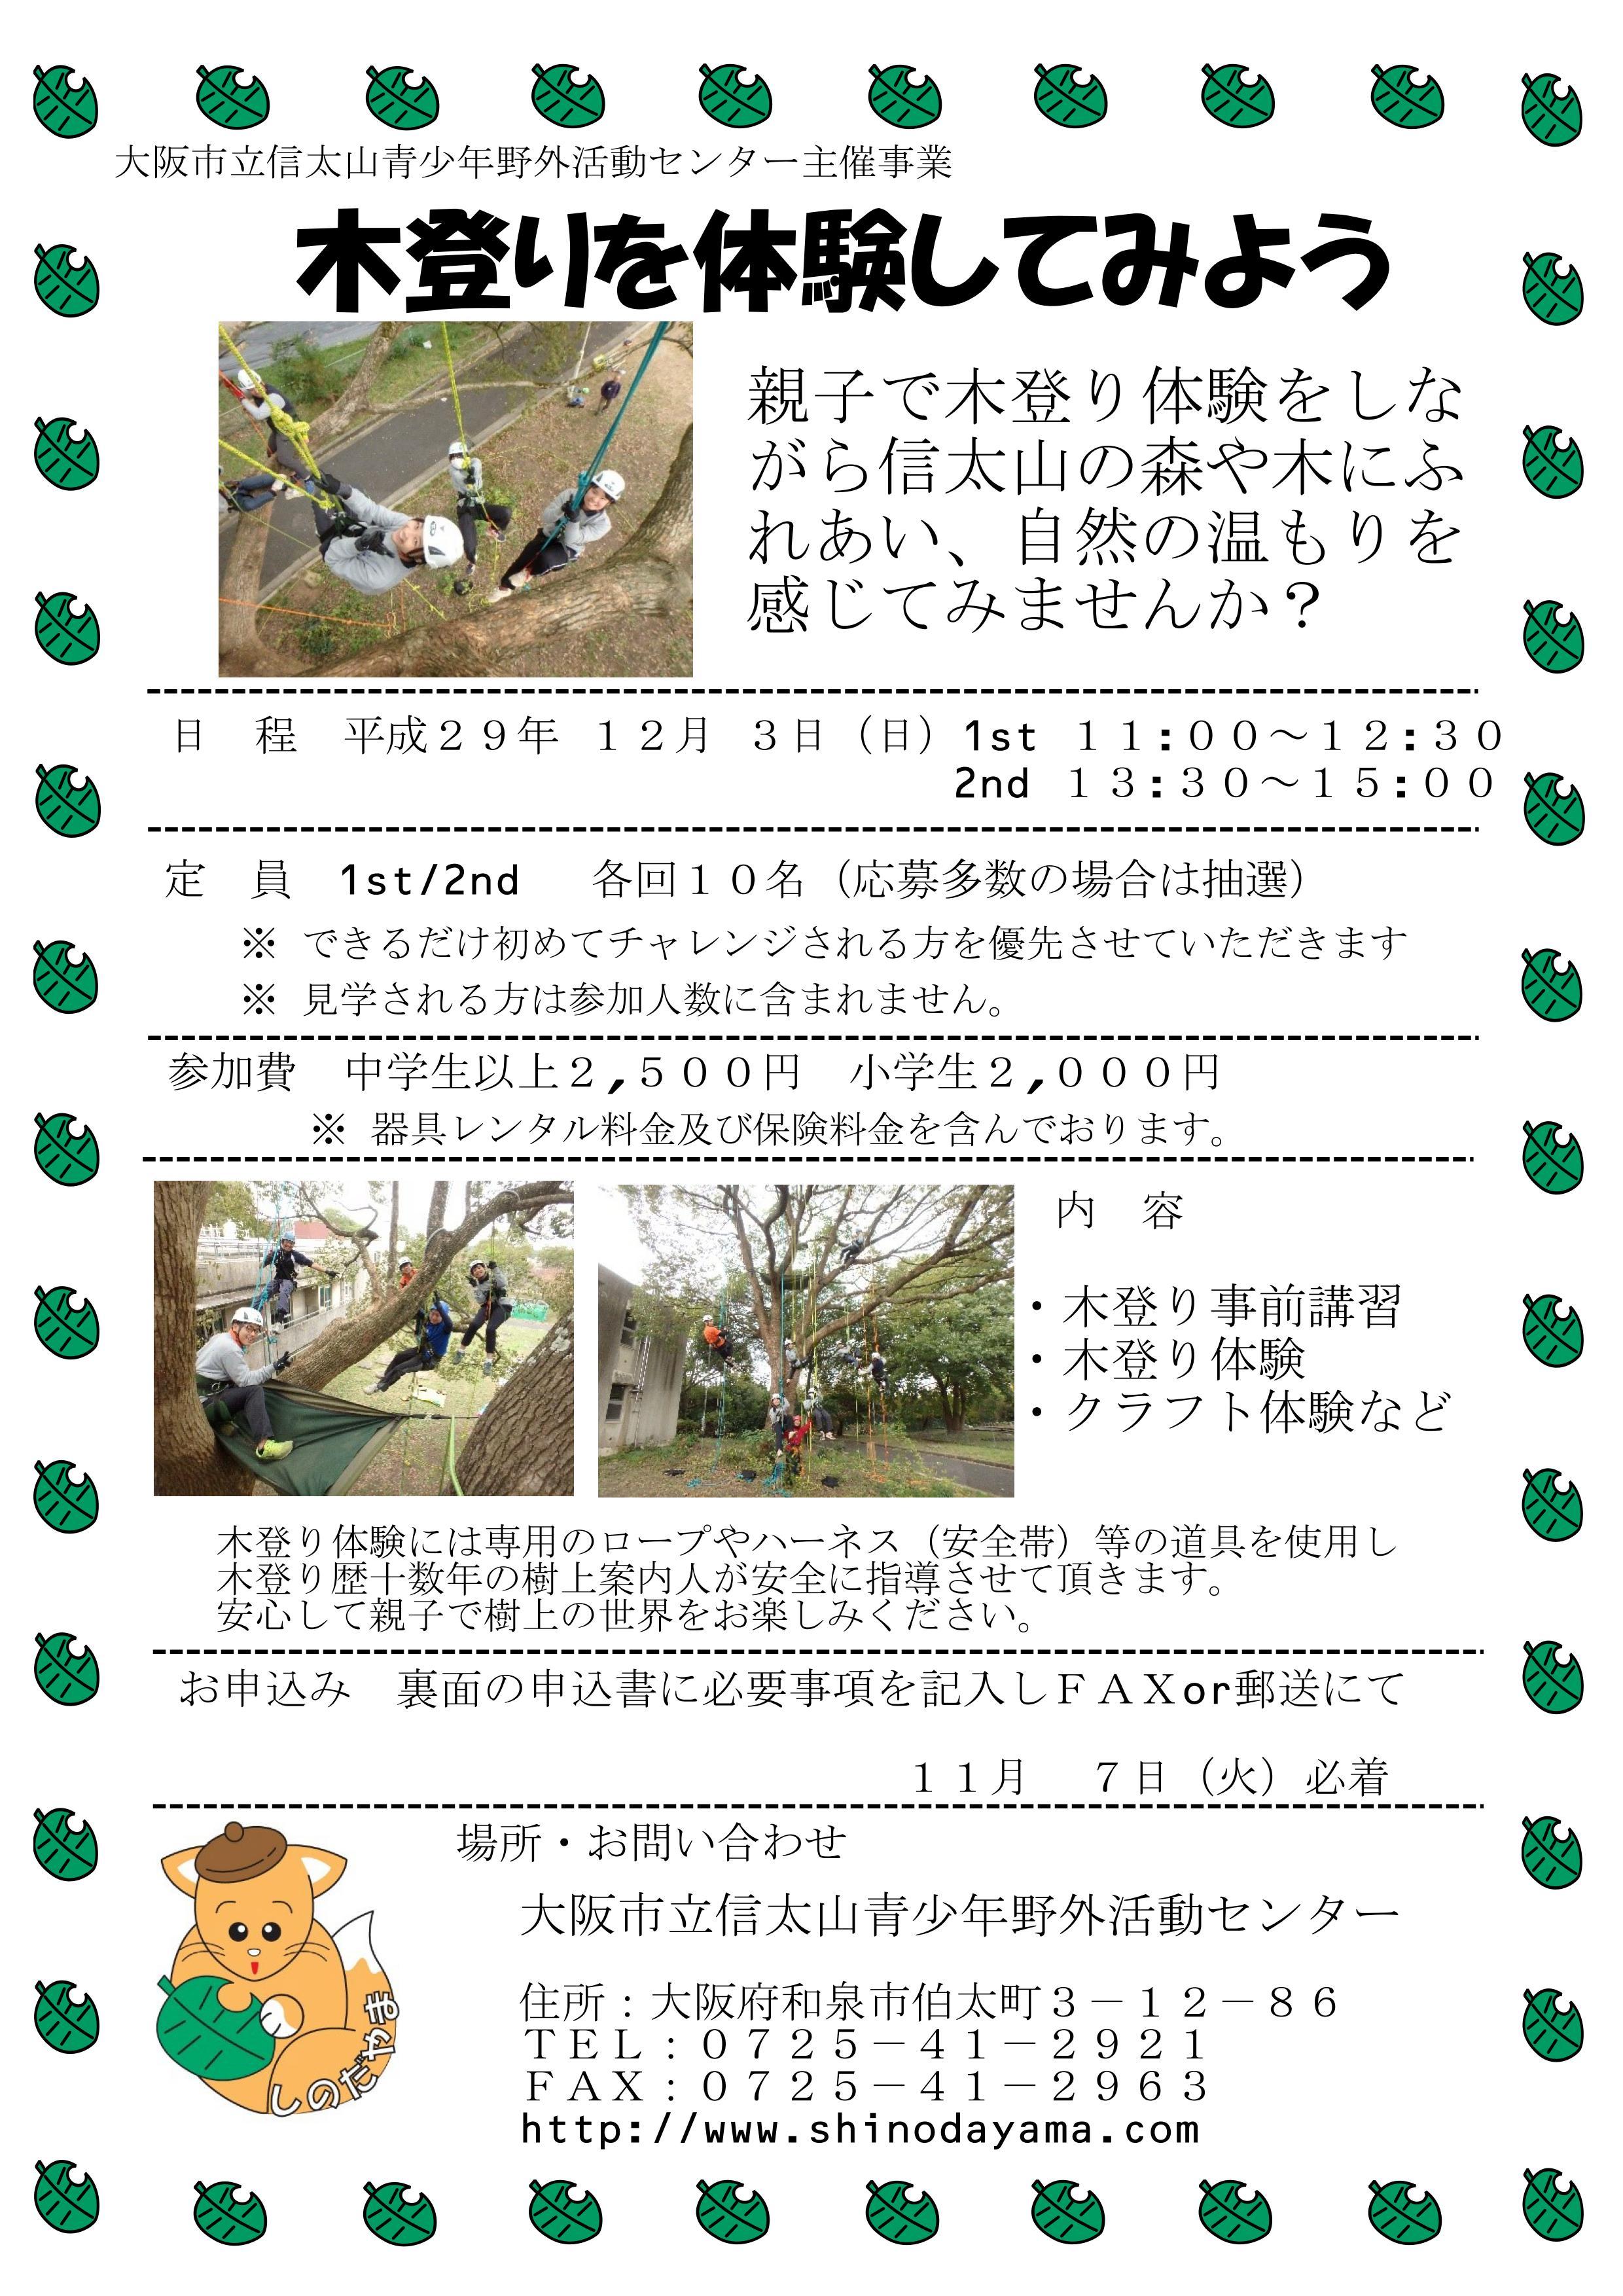 【12月3日(日)開催!】木登りを体験してみよう!!